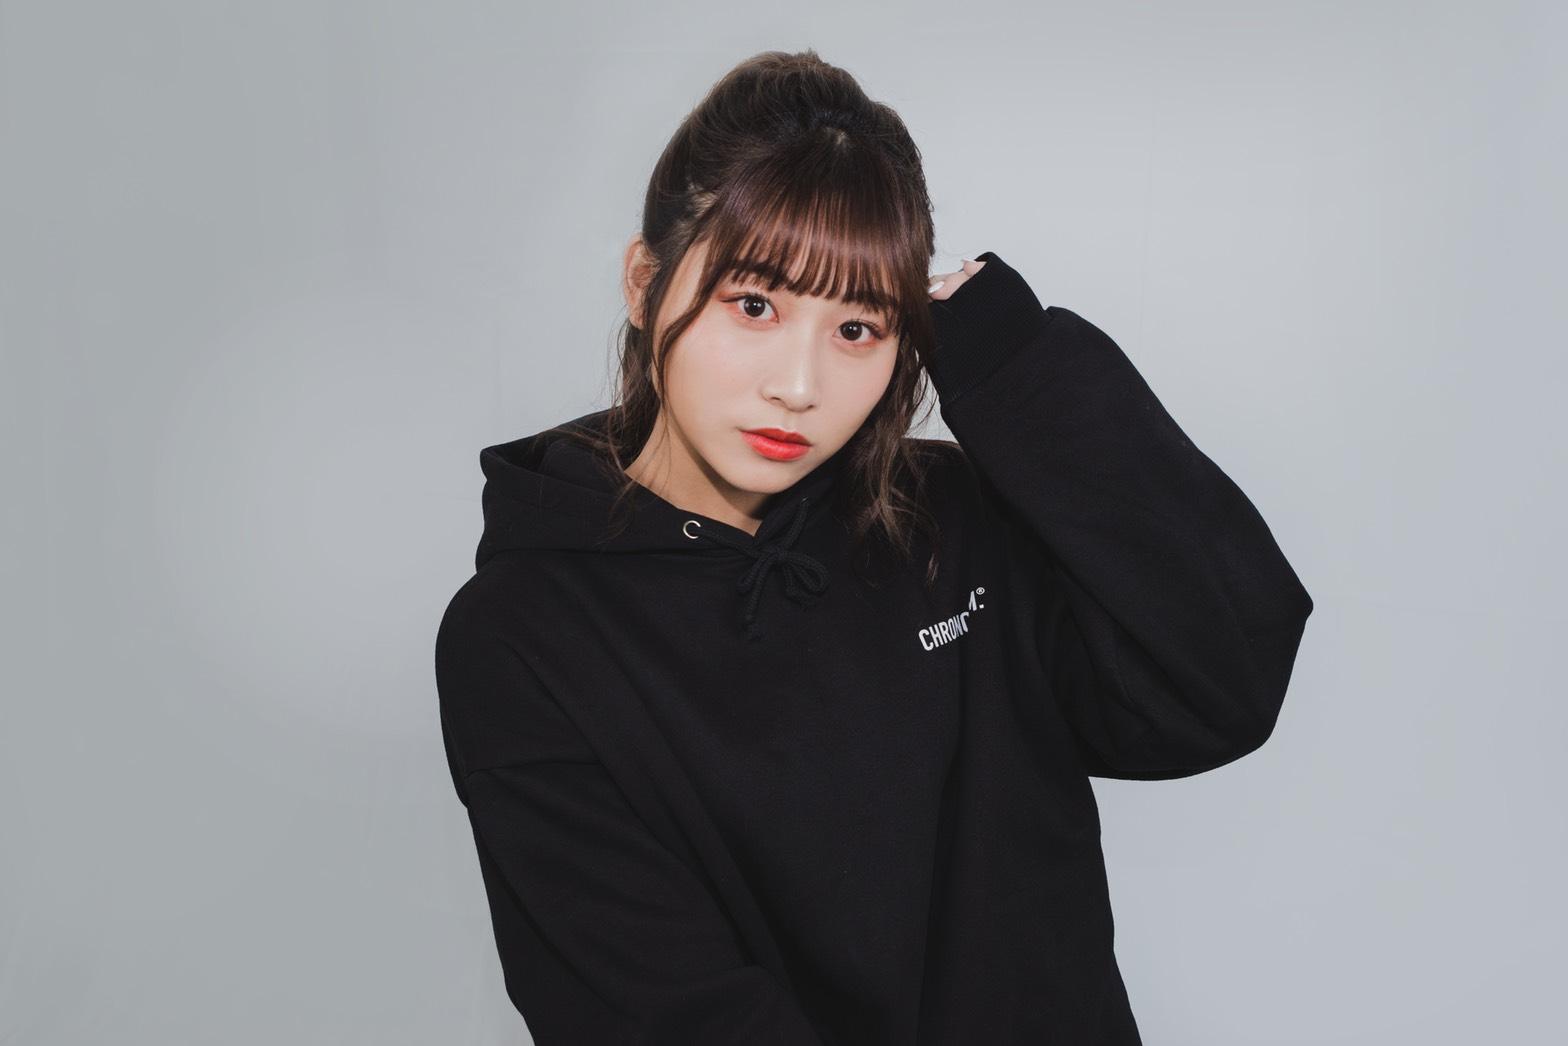 青海ひな乃 ©CHRONOIZM x SKE48